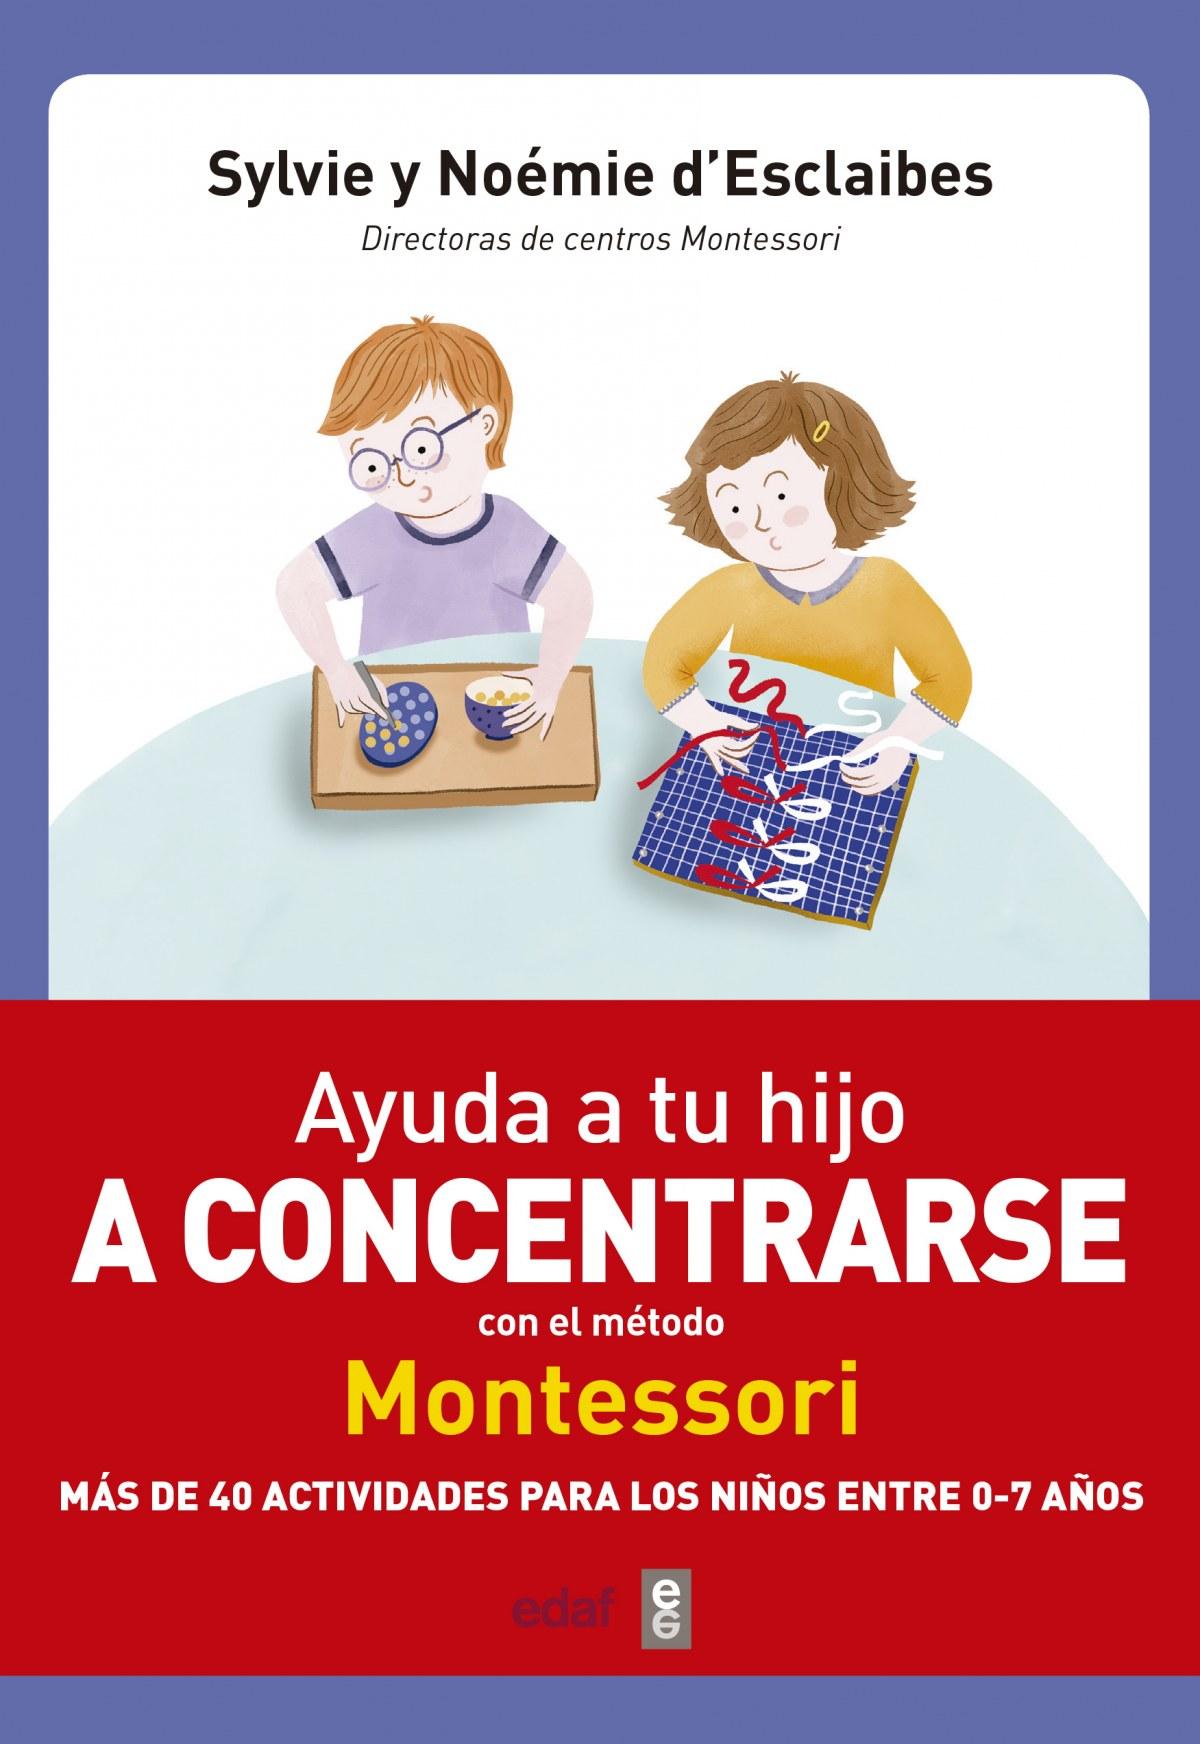 AYUDA A TU HIJO A CONCERTRARSE CON EL MÈTODO MONTESSORI